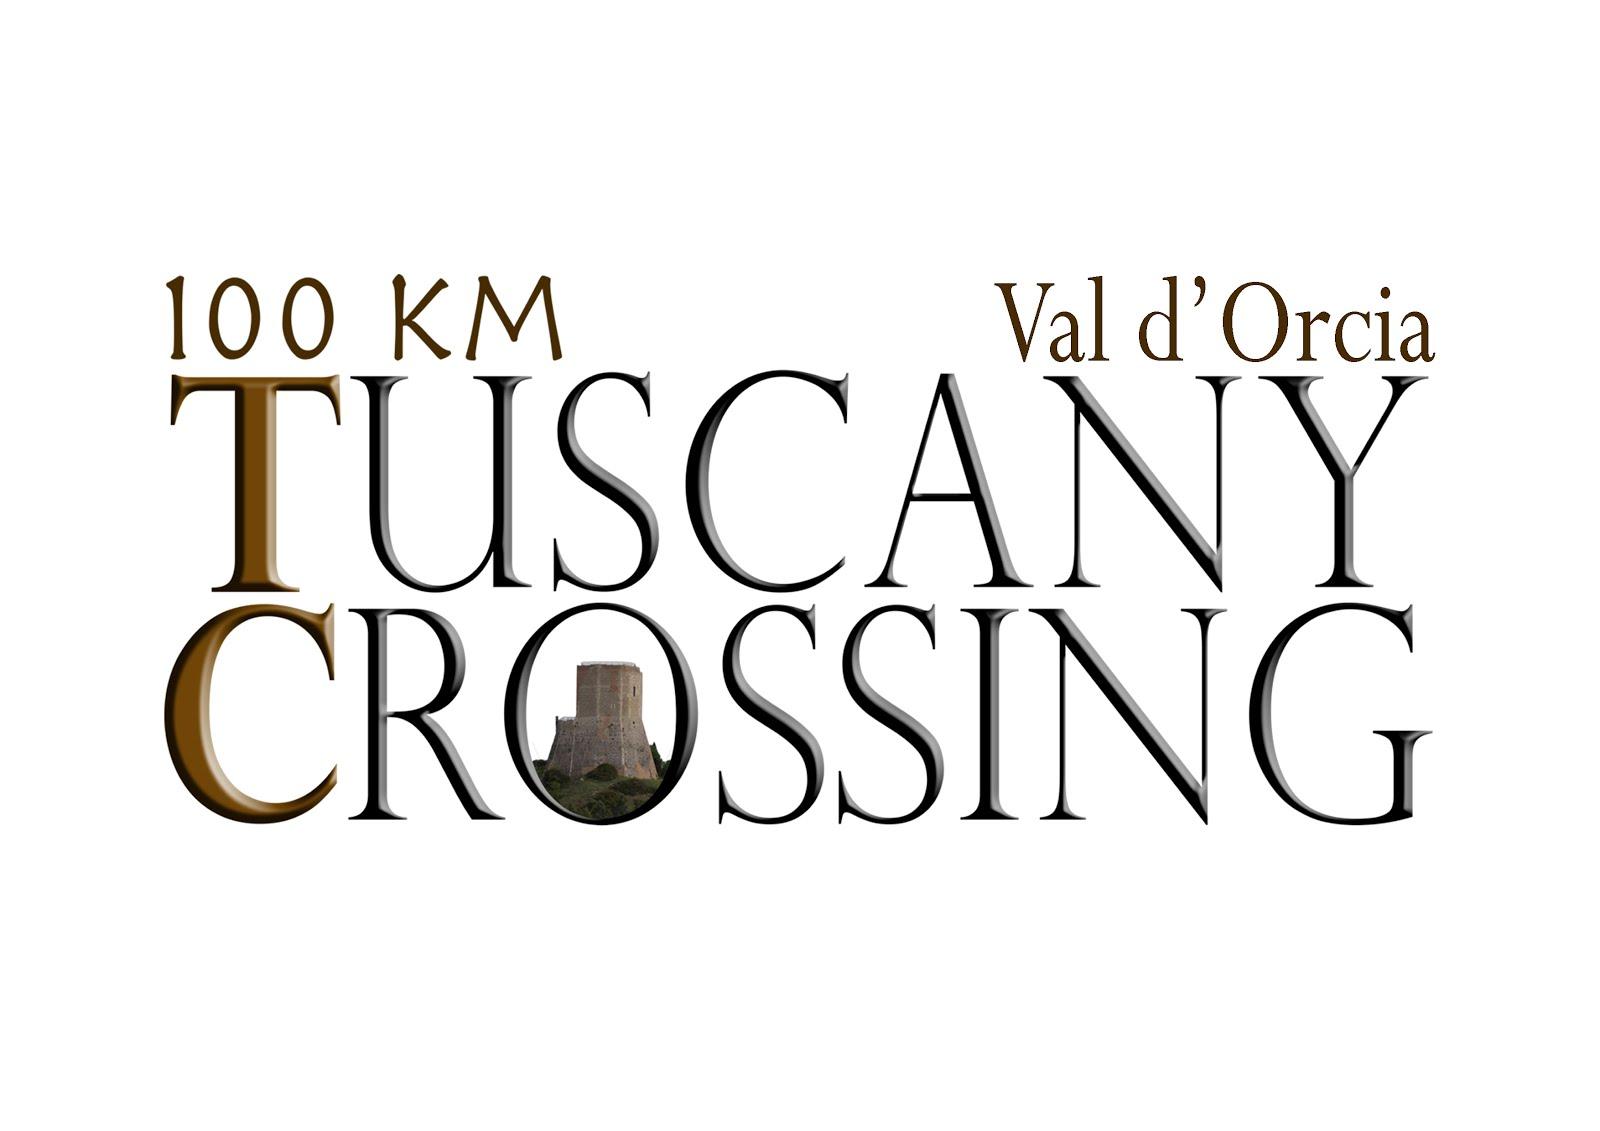 tuscany crossing logo 2013